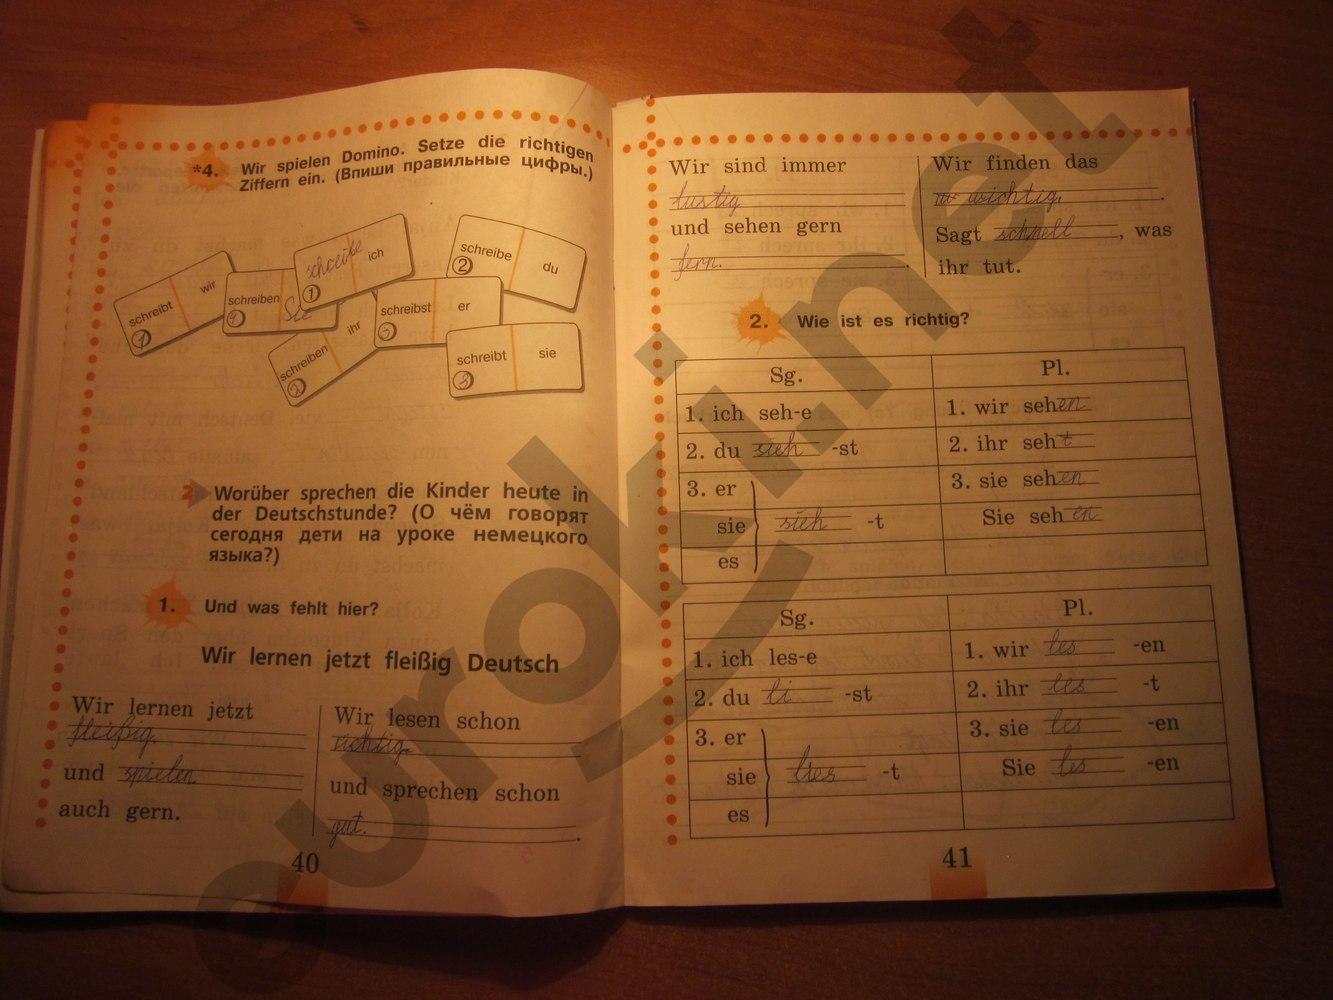 Решебник по немецкому языку 2 класса 2 часть гдз рабочая тетрадь